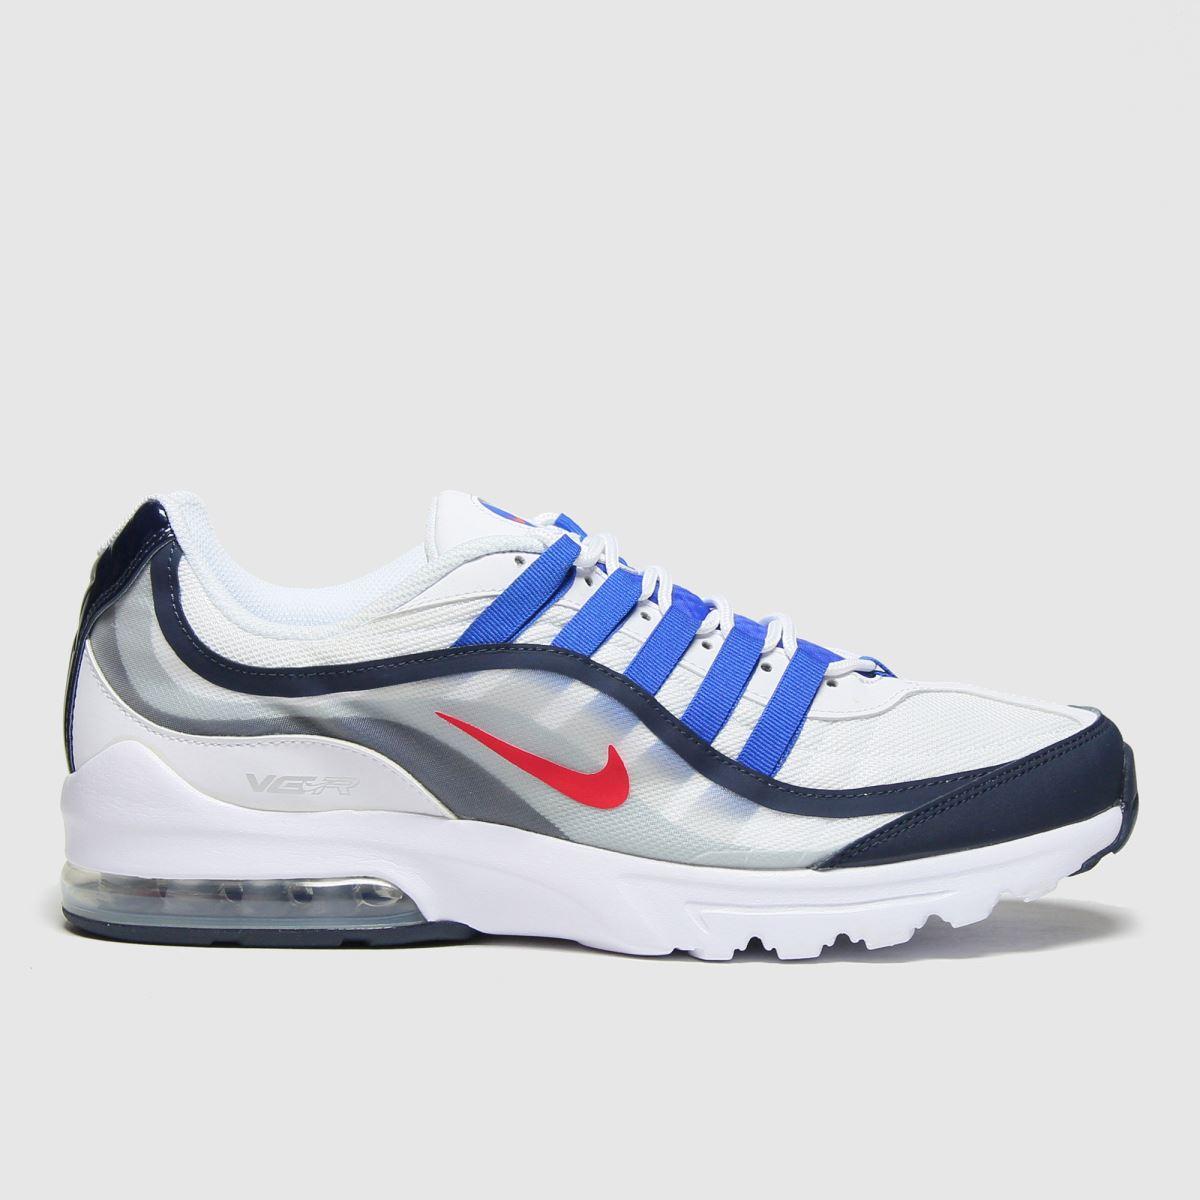 Nike White & Blue Air Max Vg-r Trainers